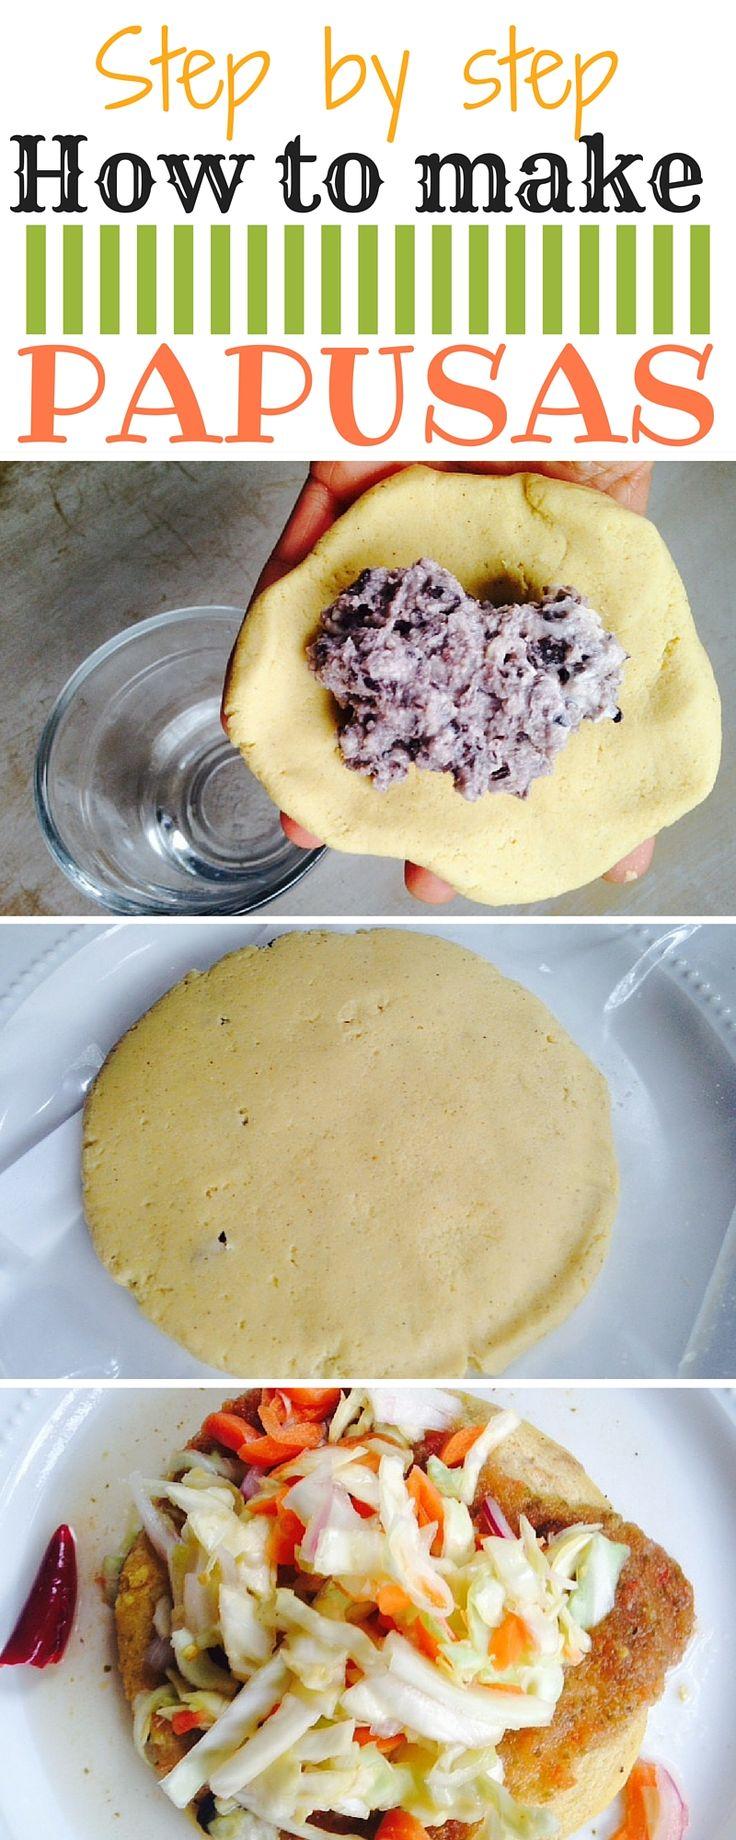 pupusa se hace con Masa, una flor de maíz gruesa. Pupusa se llena generalmente de una mezcla de frijoles y chicharrón y queso.